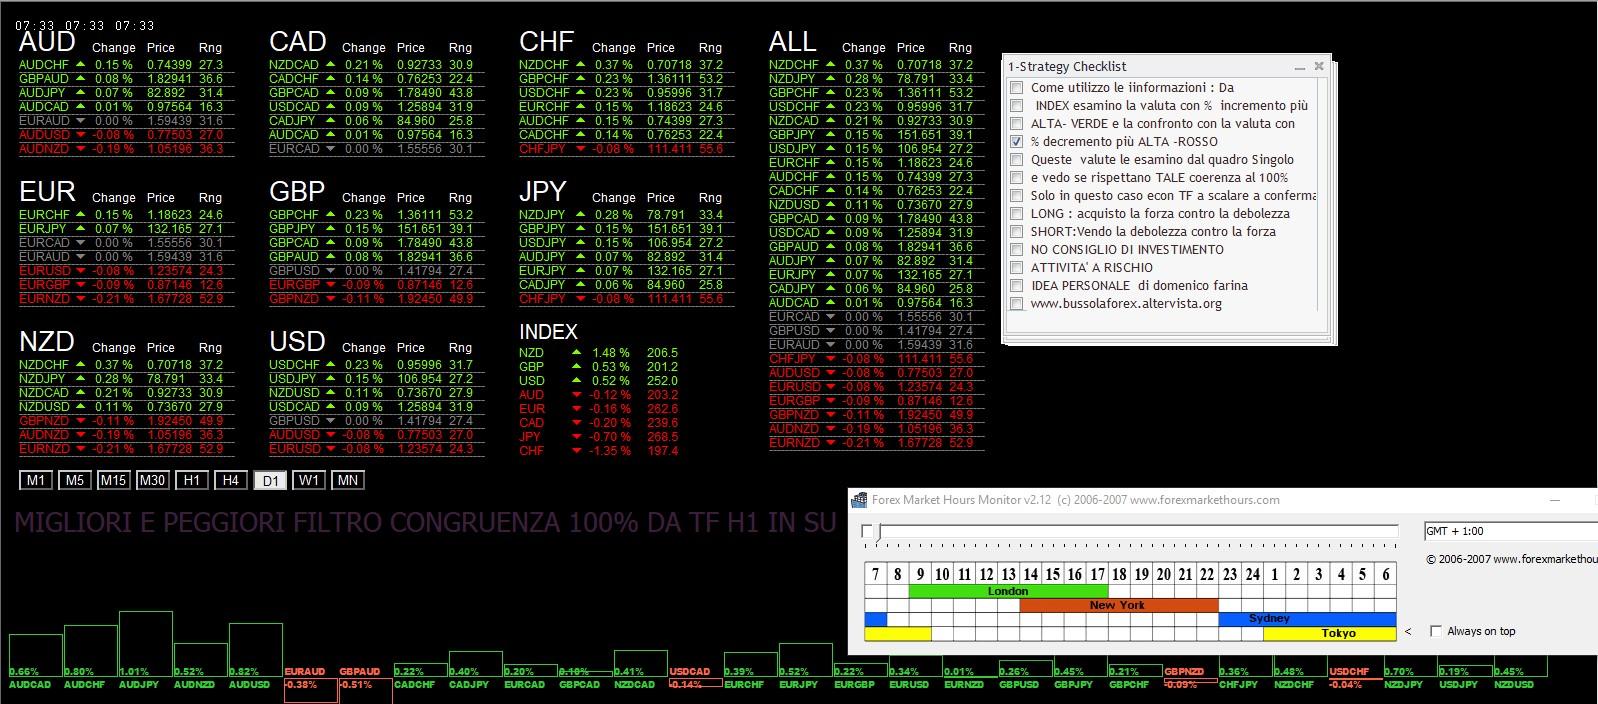 Per 4 Giugno 2018: Analisi Tecnica Mercato Forex, Indici e Commodities con Patterns emersi e Evidenza Forza e Debolezza Valute alla chiusura Daily del 1 Giugno 2018 | Blog di bussolaforex